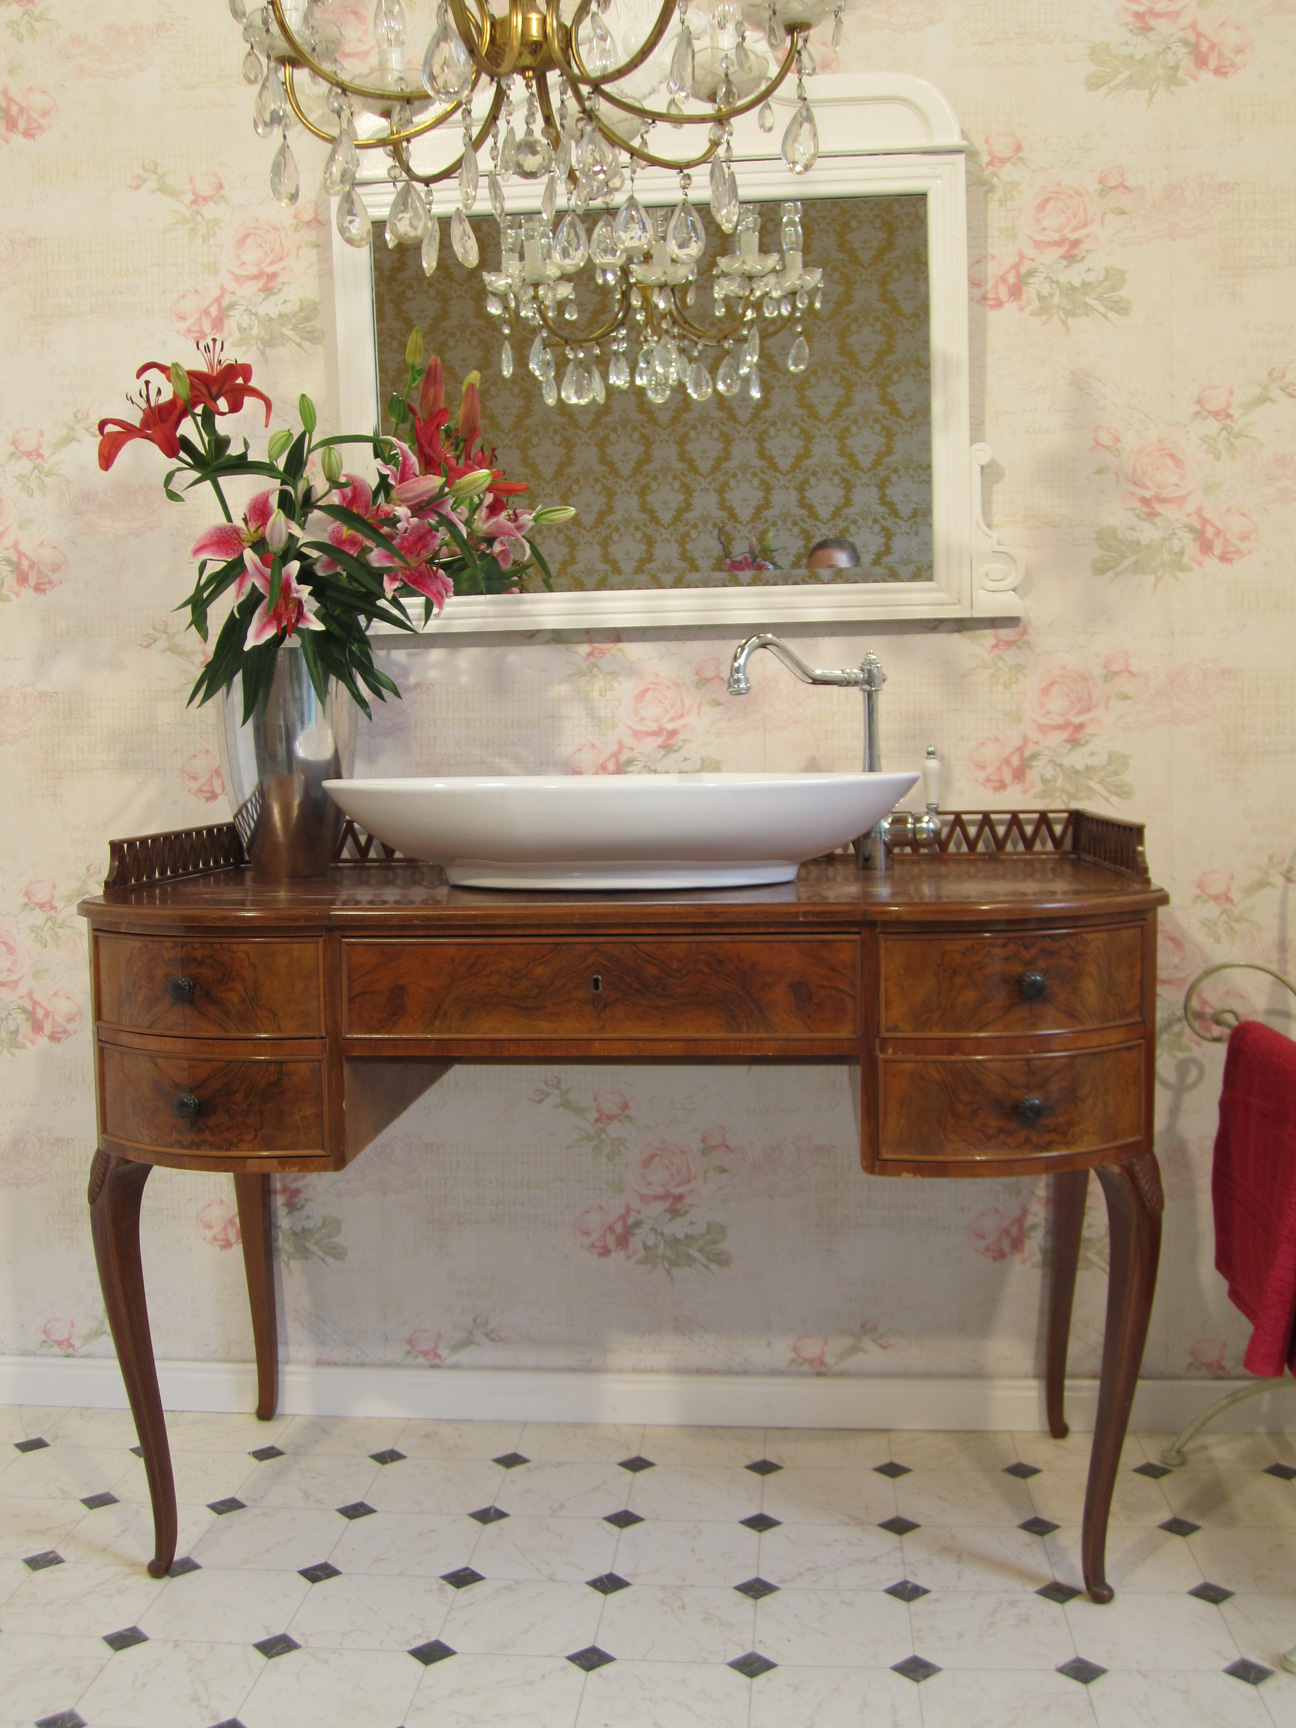 Waschtisch landhaus antik im badezimmer wasserheimat - Badezimmer antik ...